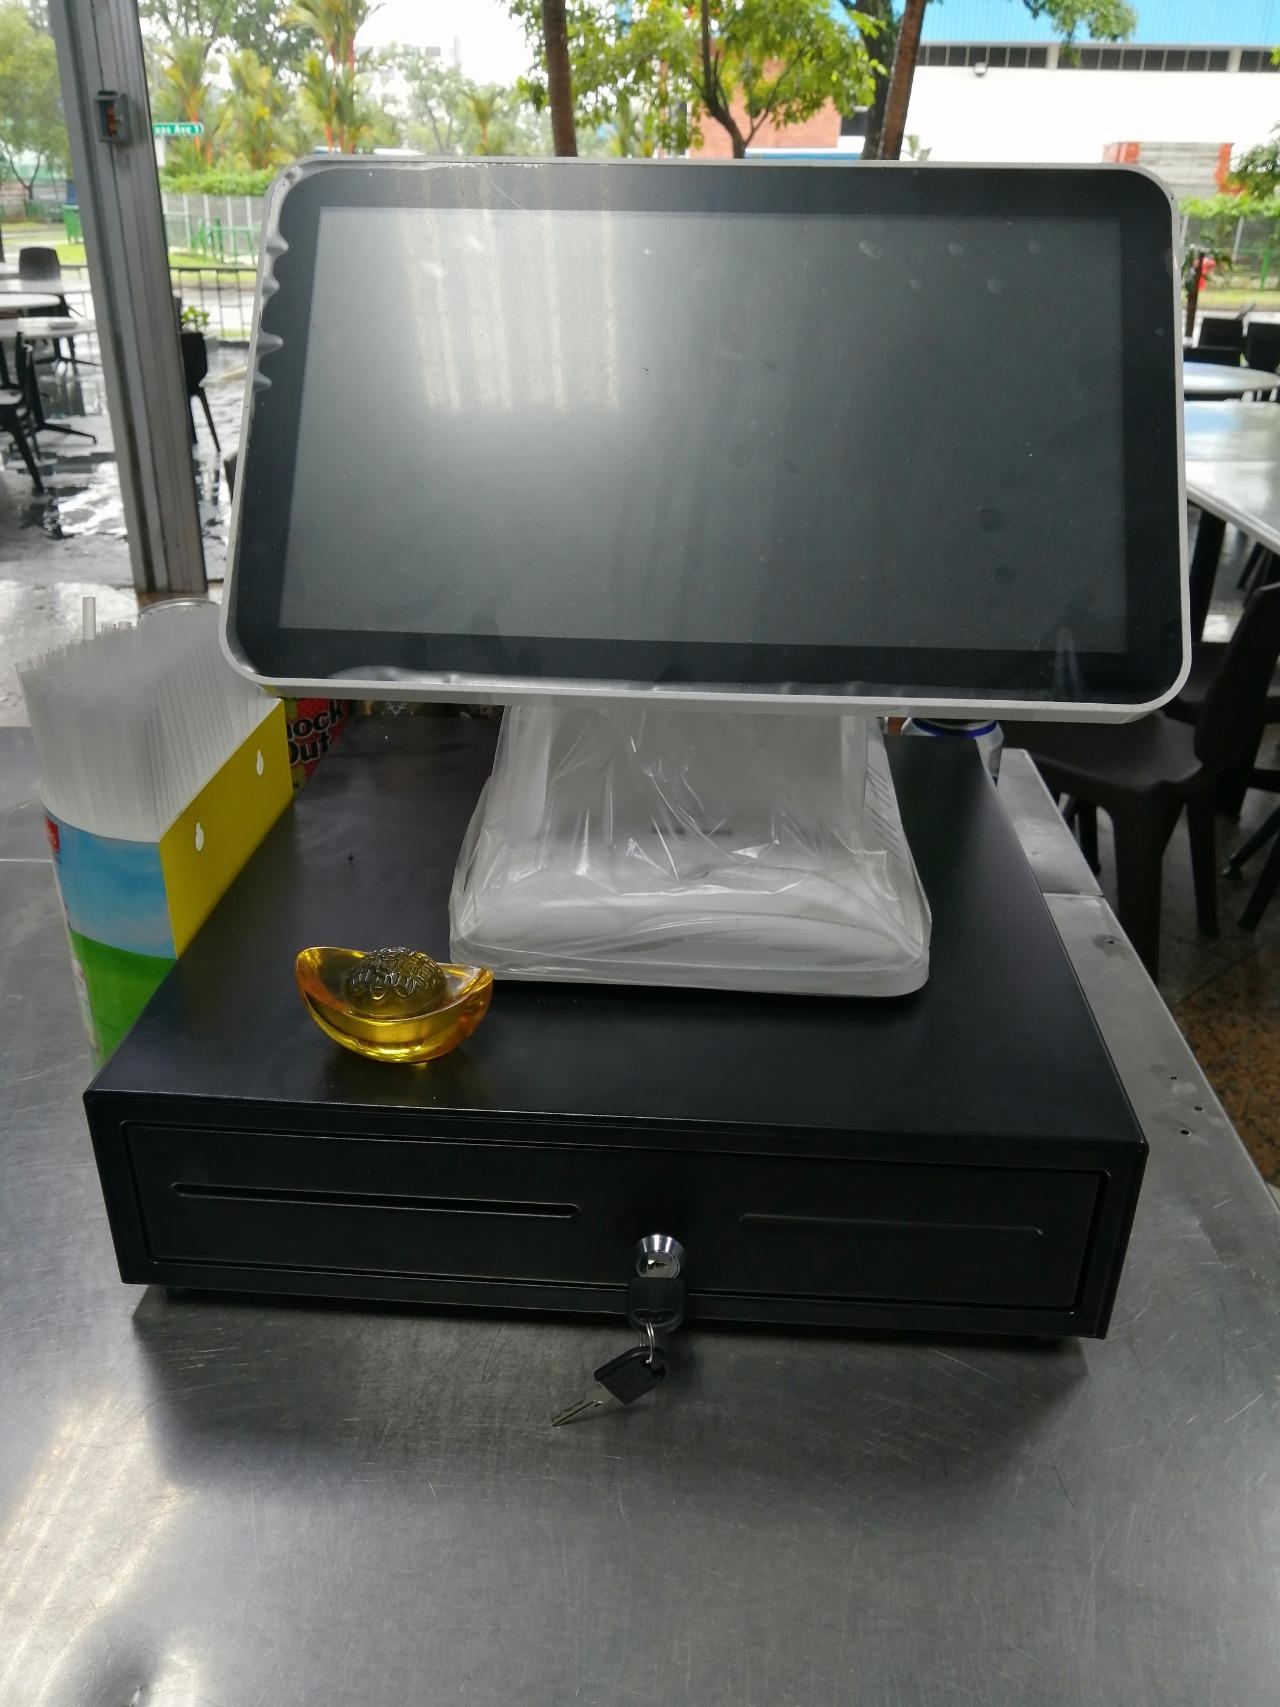 全新电饭锅 低价处理,还有各种档口餐具